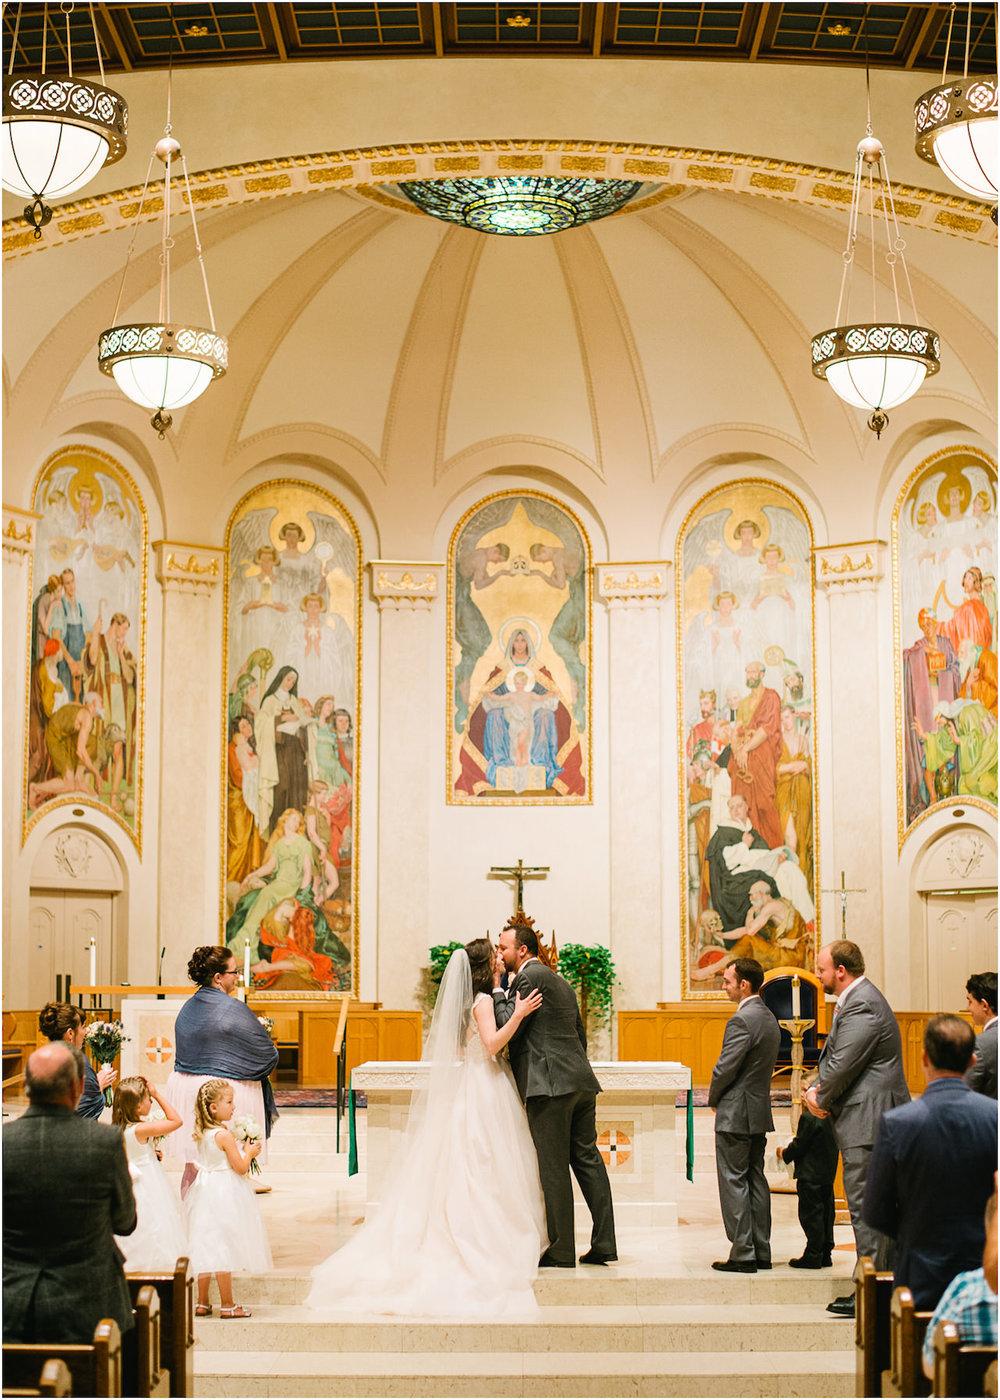 st-marys-cathedral-backyard-wedding-056a.jpg